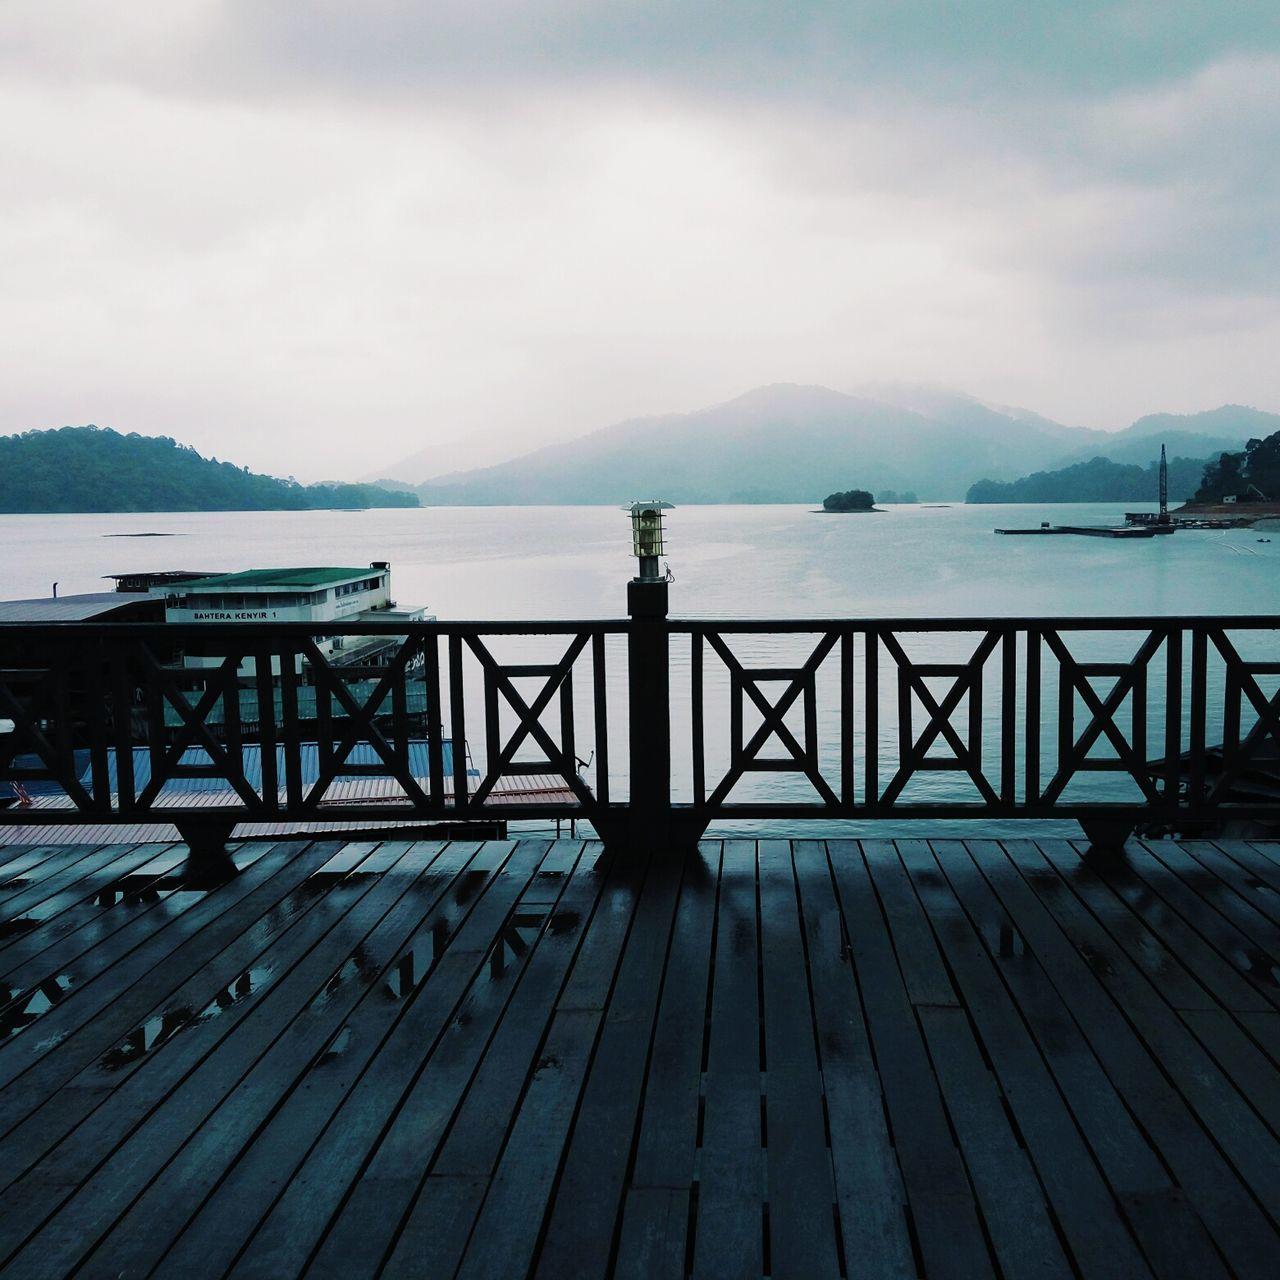 The South East Asia biggest man-made lake. Lake Kenyirlake Lakeview Kenyir